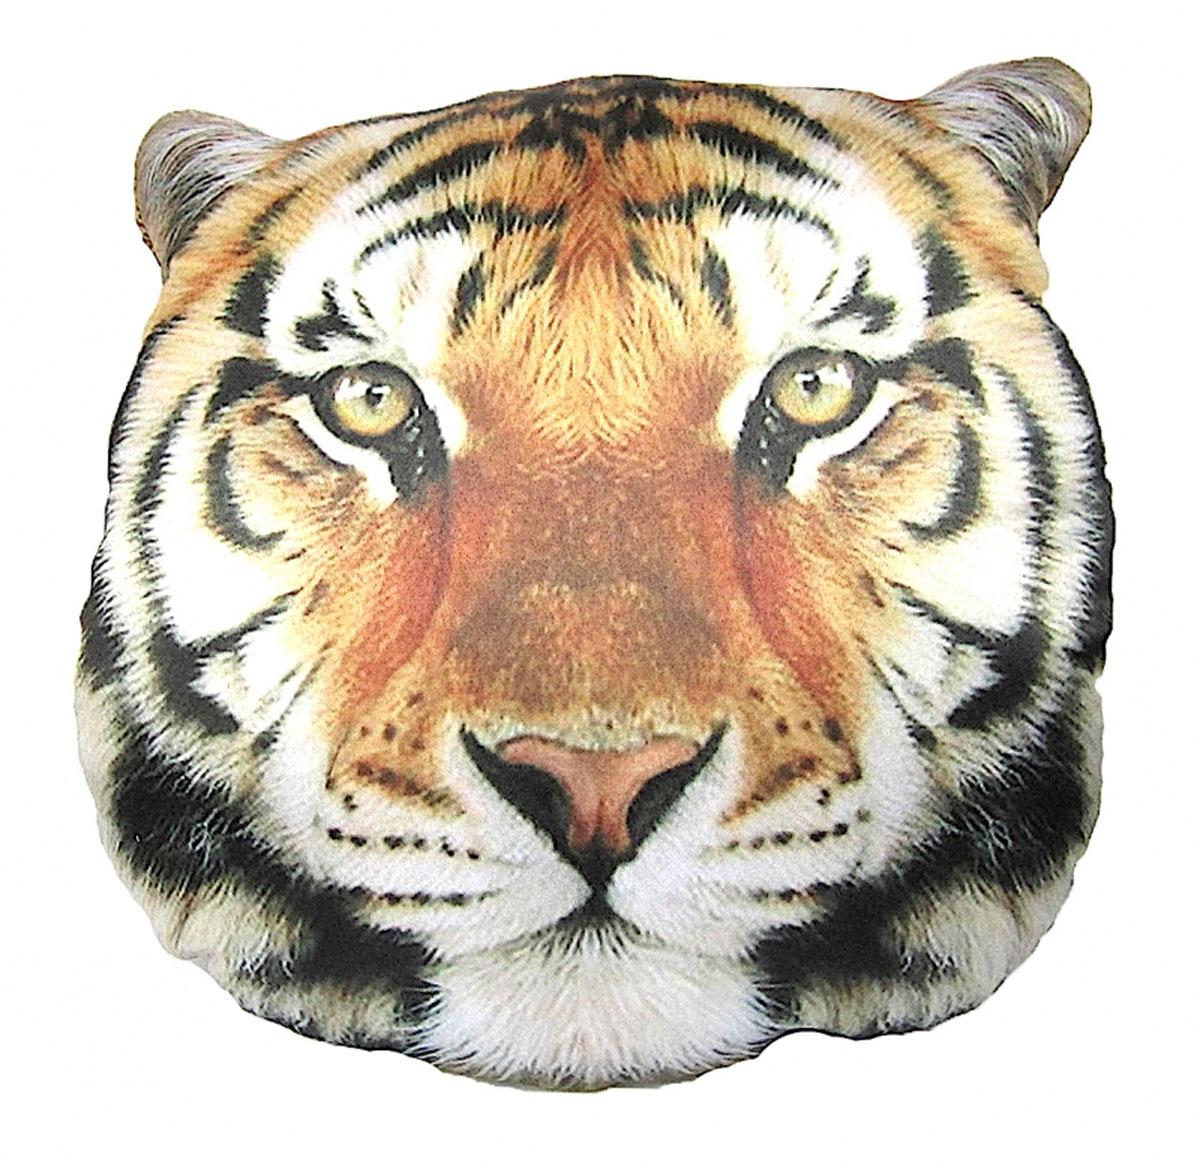 Подушка декоративная GiftnHome Тигр, 40 x 40 смS03301004Подушка декоративная GiftnHome, выполненная в виде морды тигра, прекрасно дополнит интерьер спальни или гостиной. Чехол подушки изготовлен из атласа (искусственный шелк). В качестве наполнителя используется мягкий холлофайбер. Чехол снабжен потайной застежкой-молнией, благодаря чему его легко можно снять и постирать. Красивая подушка создаст атмосферу уюта в доме и станет прекрасным элементом декора.